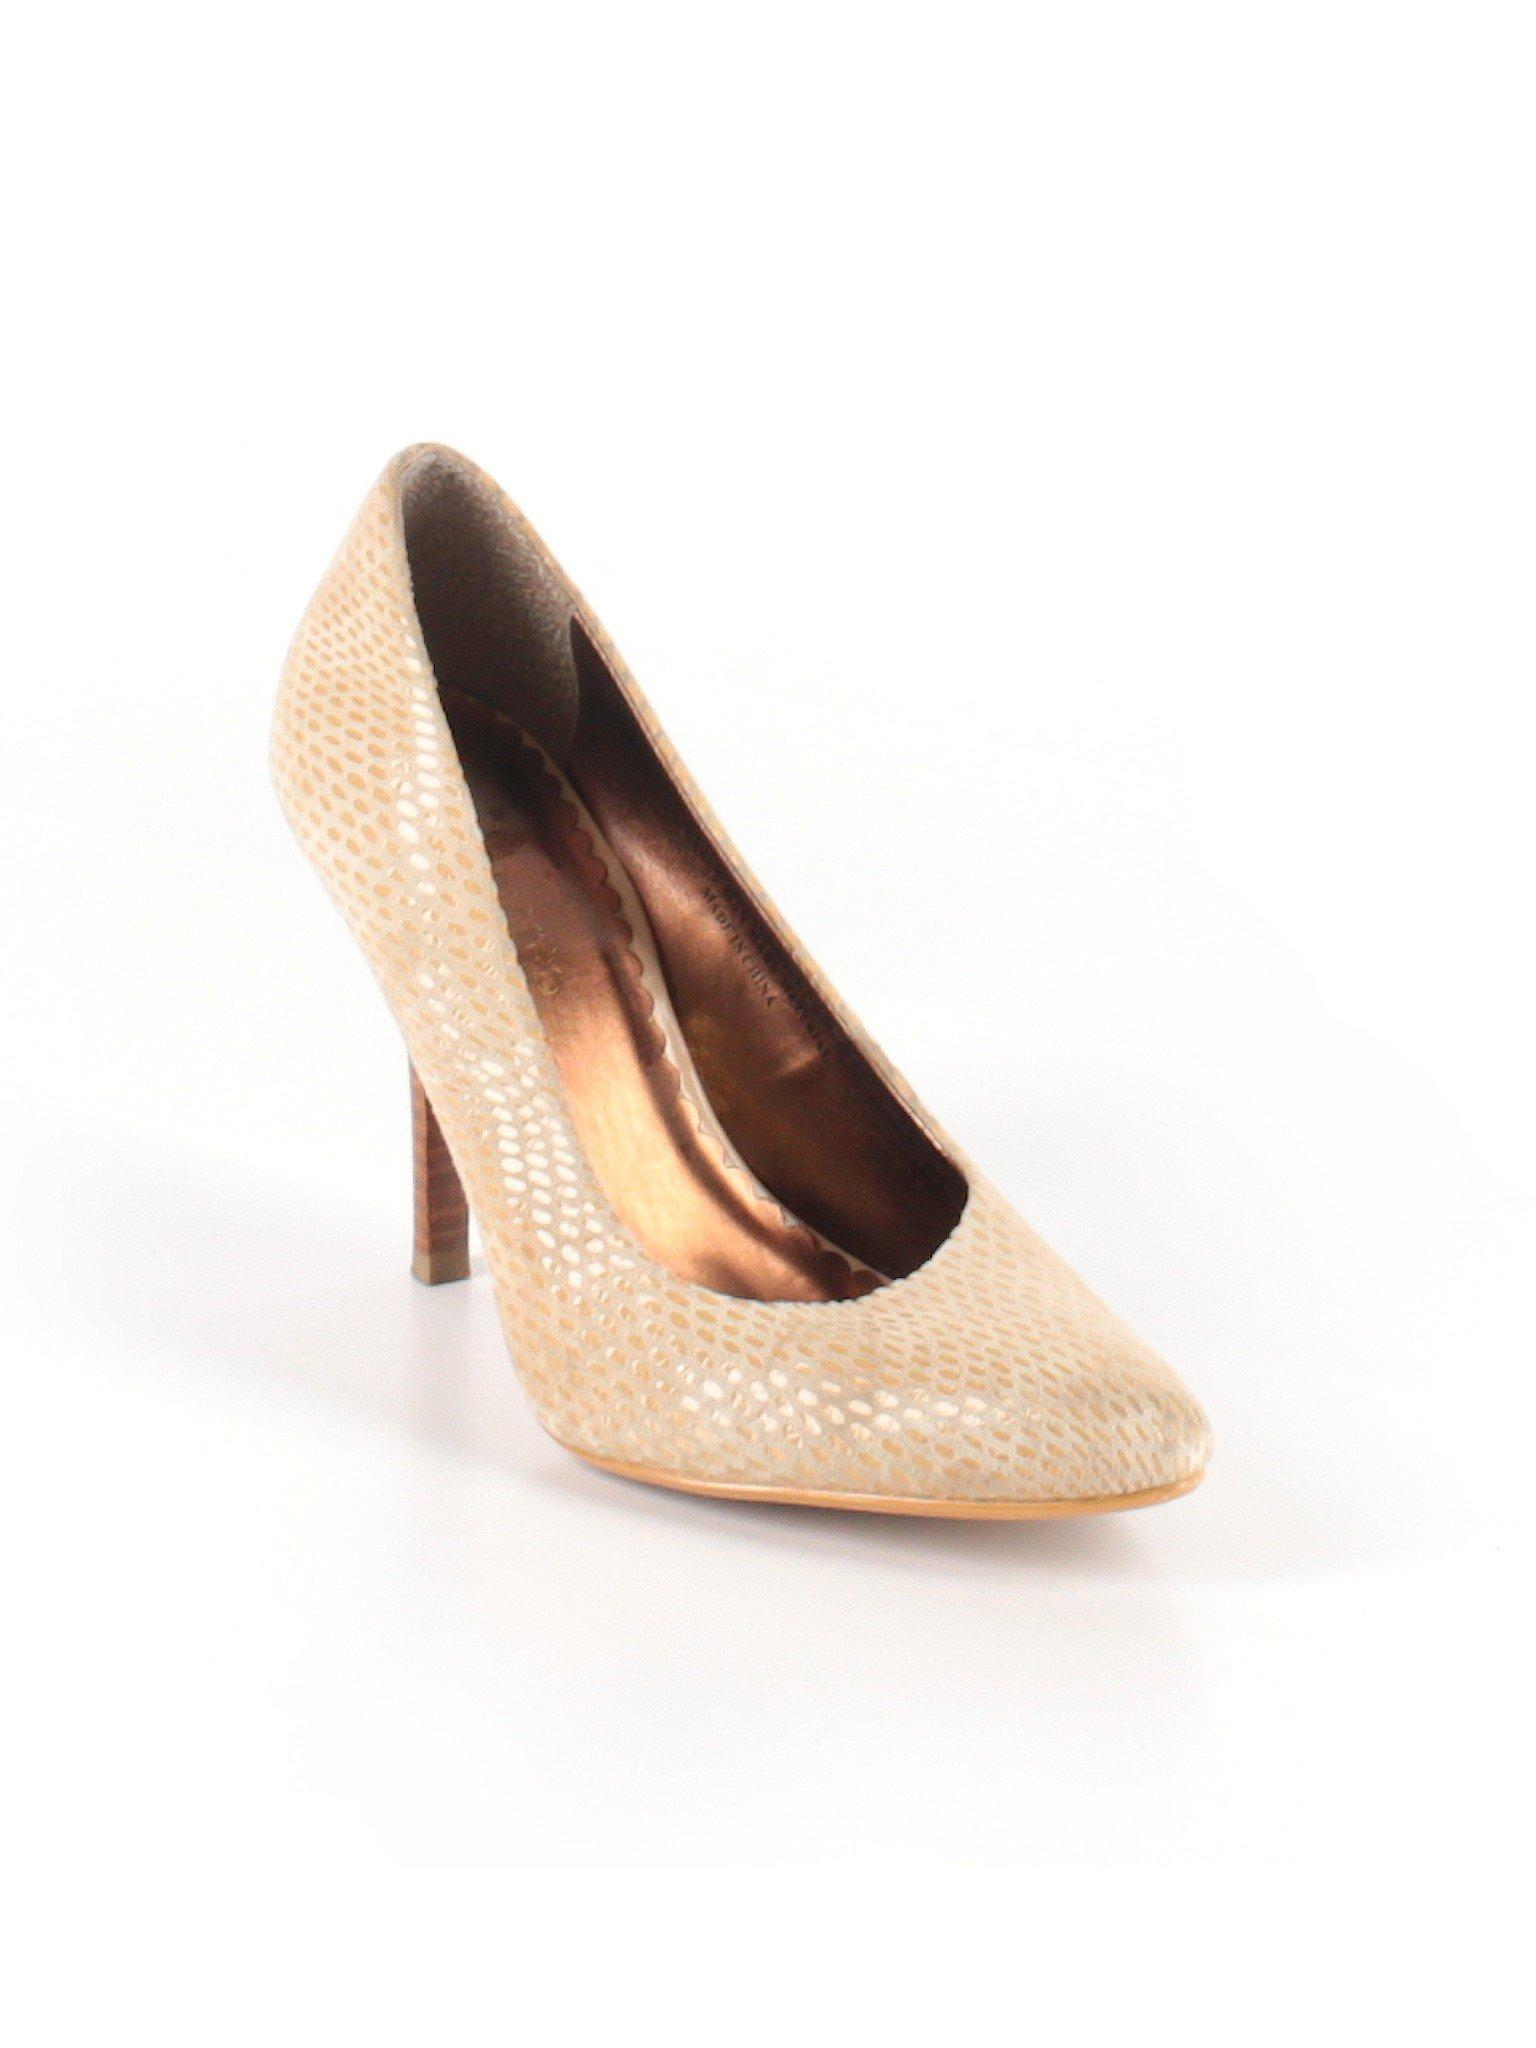 Boutique Restricted promotion Heels Shoes promotion Boutique dxqwZn0fZC